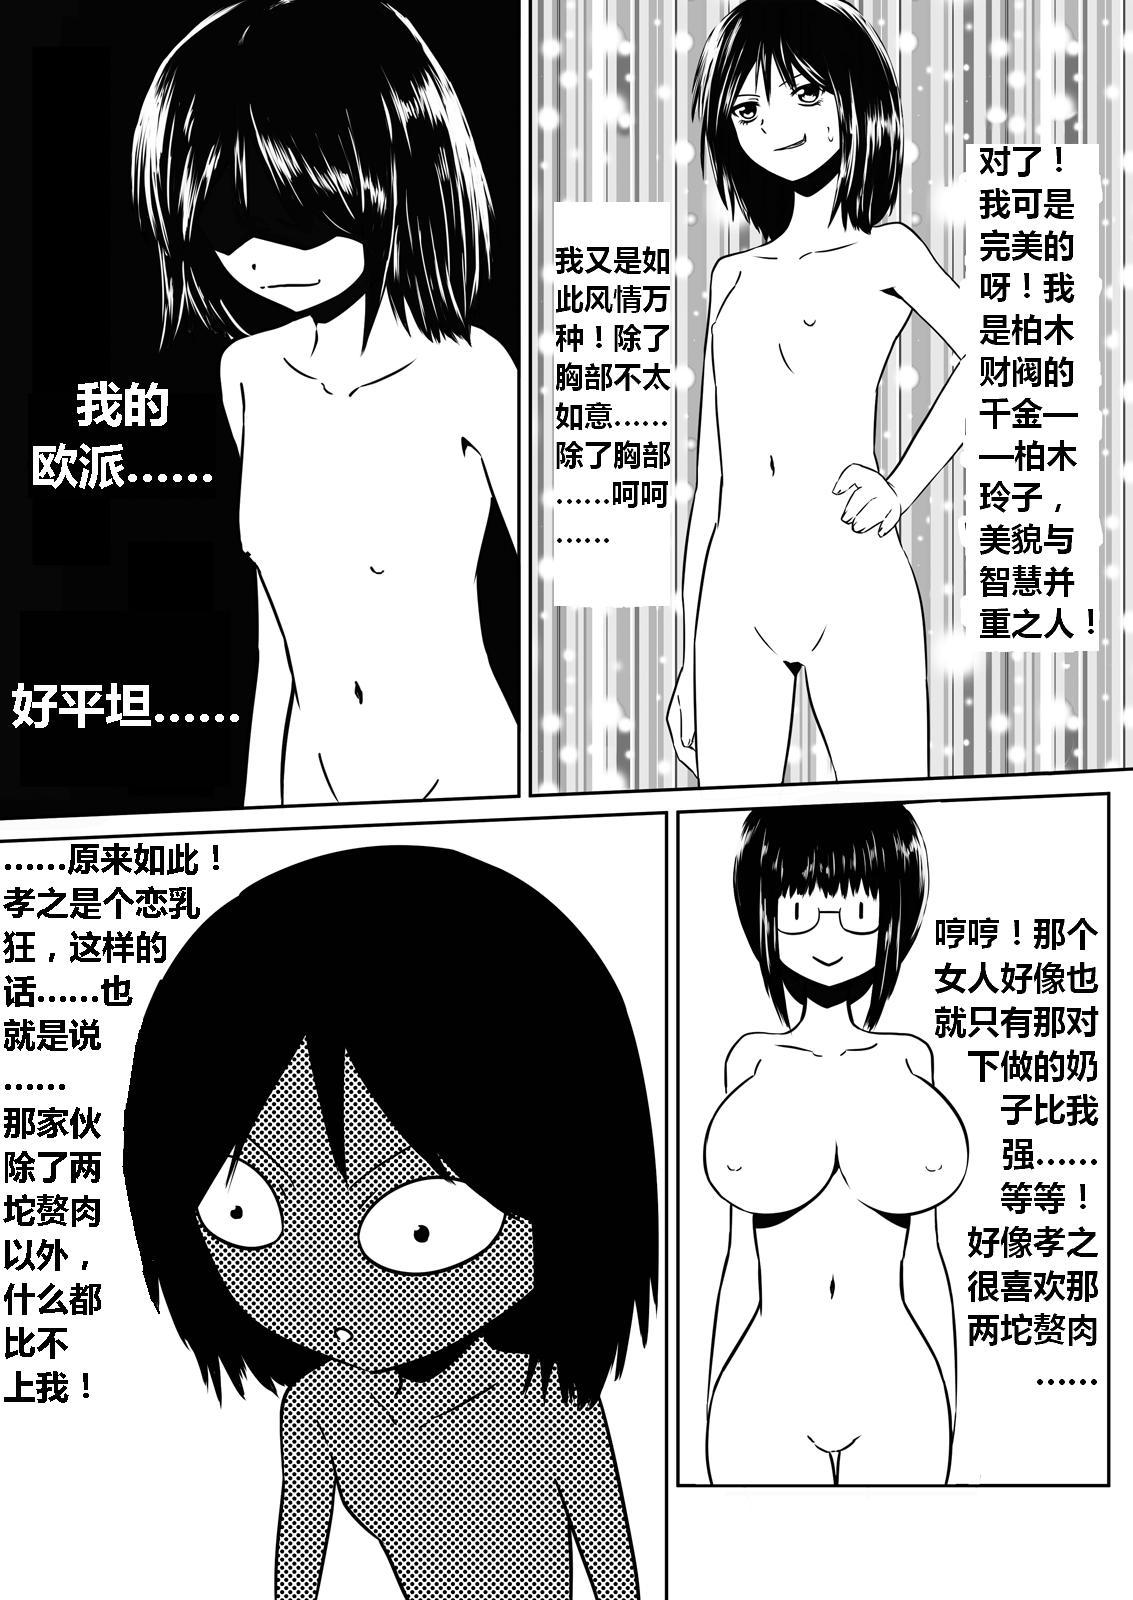 Ore no Kanojo ga Fuuzokujou ni Natta Riyuu | 女朋友下海拍片了 9